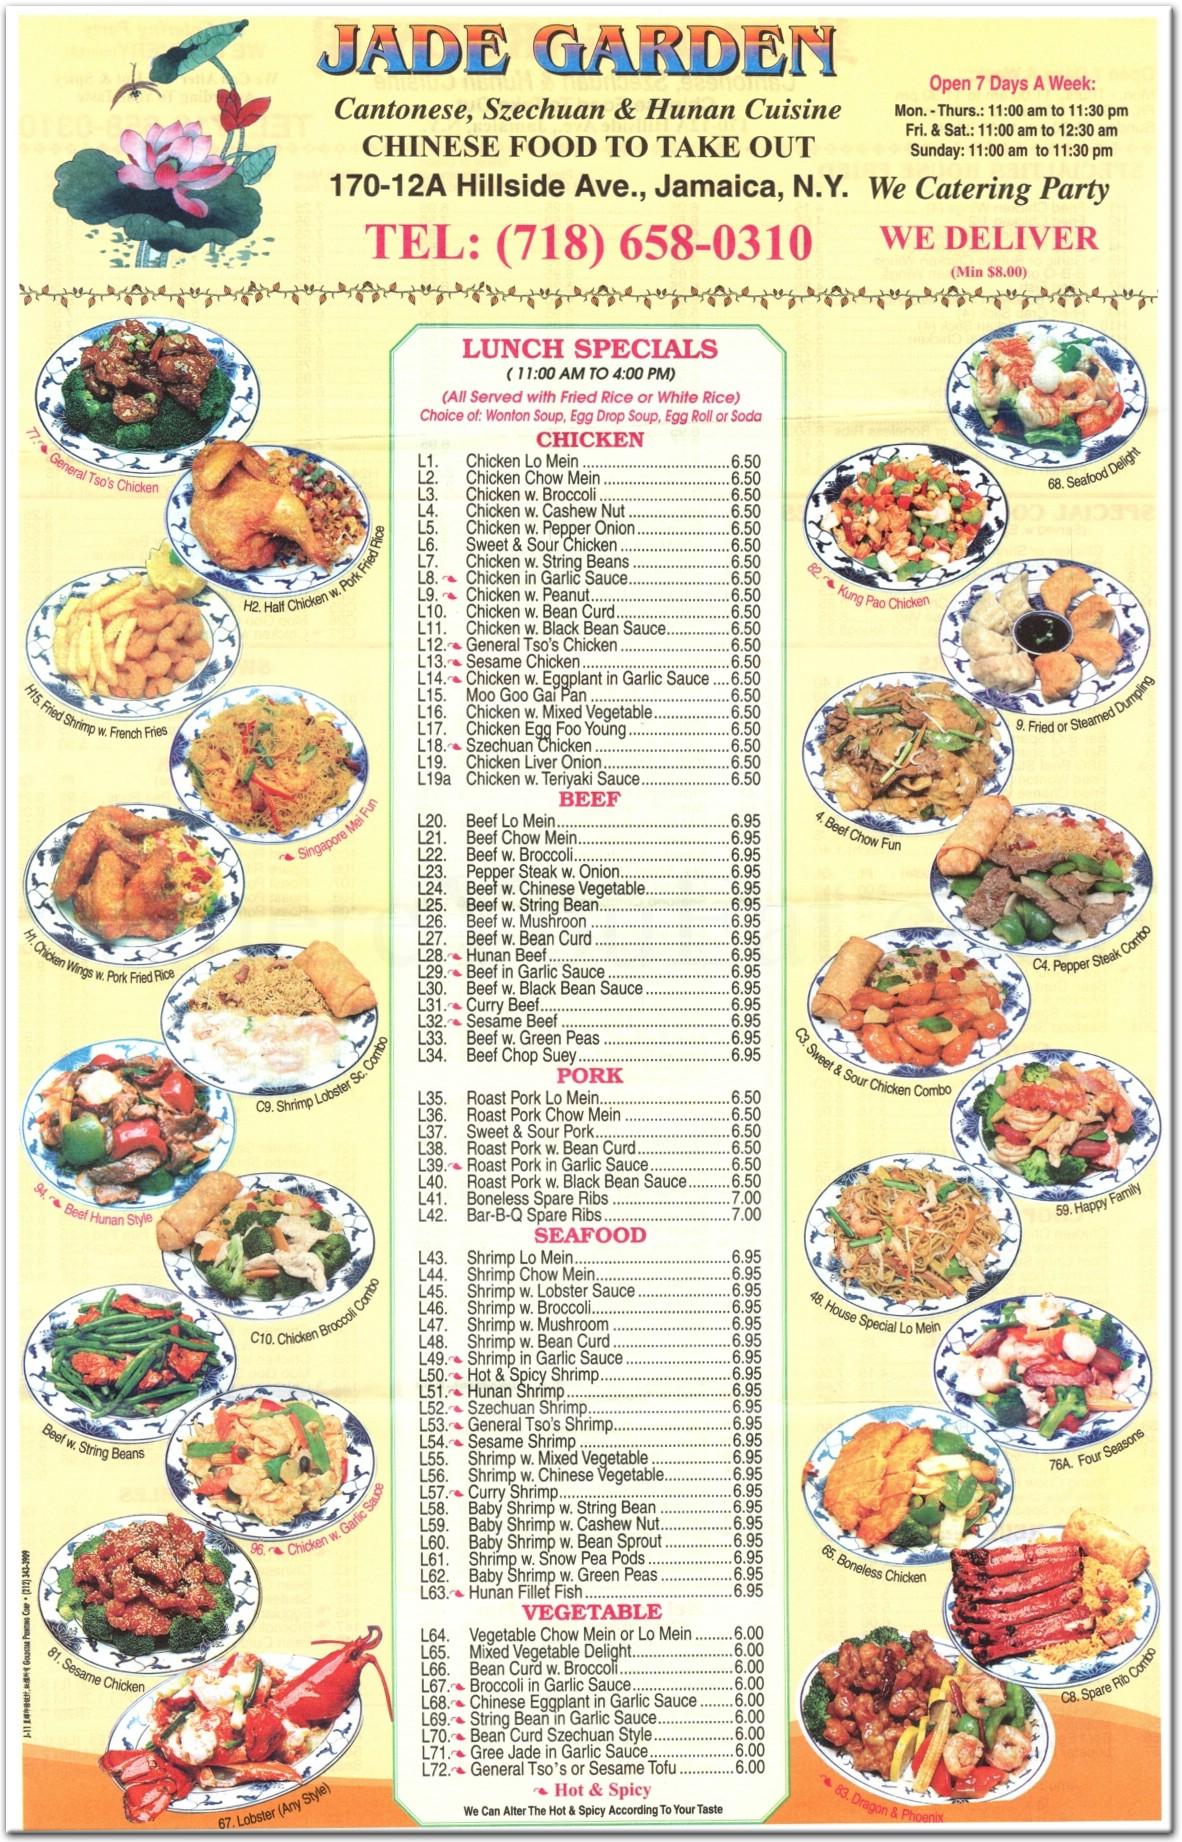 Jade Garden Restaurant In Queens Official Menus Photos